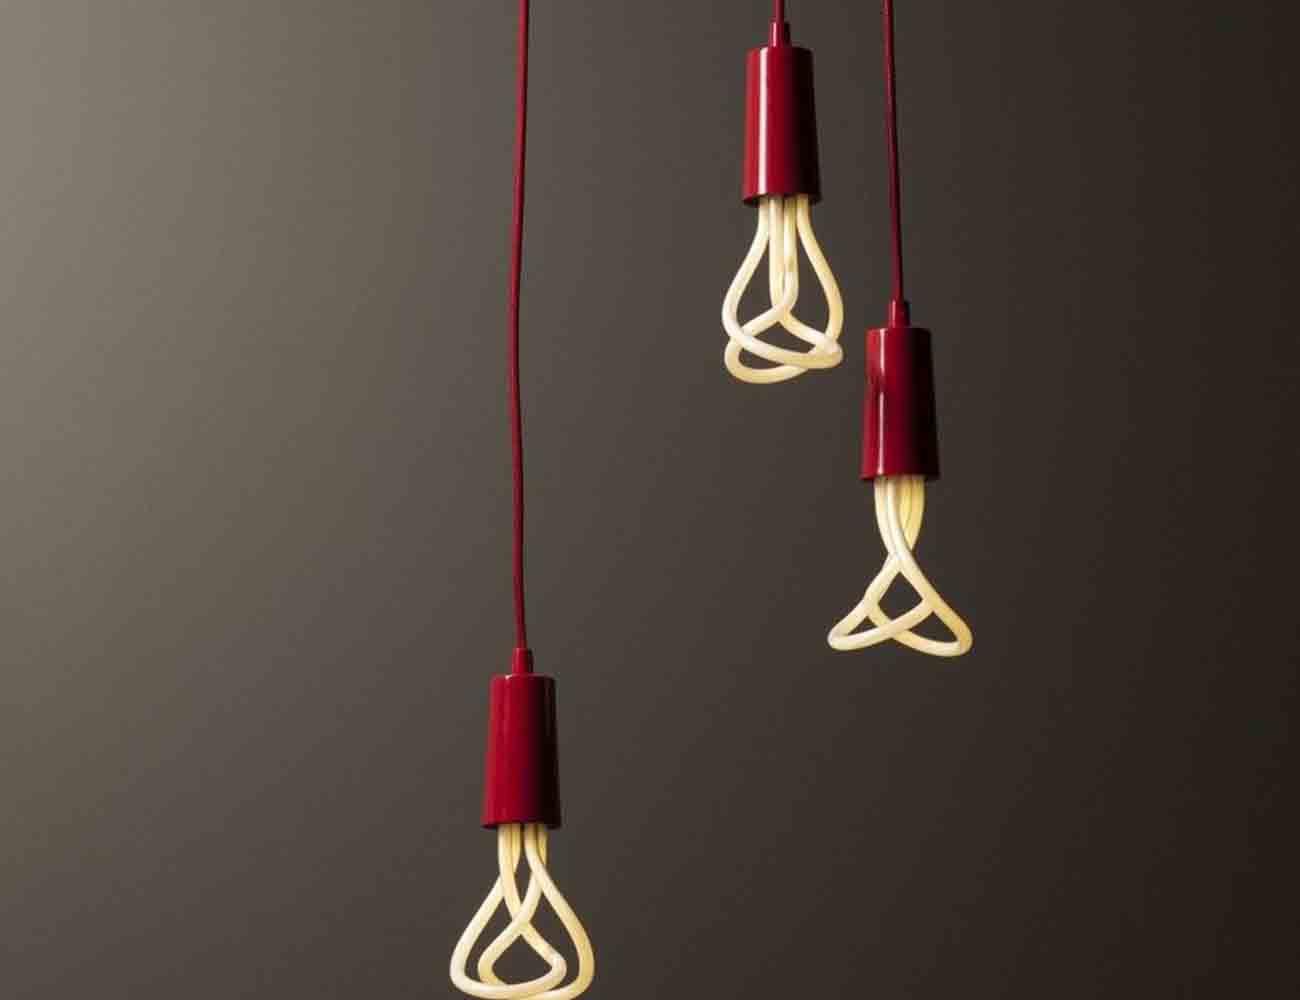 Plumen Pendant Drop Cap Set – Low Energy Light Bulb